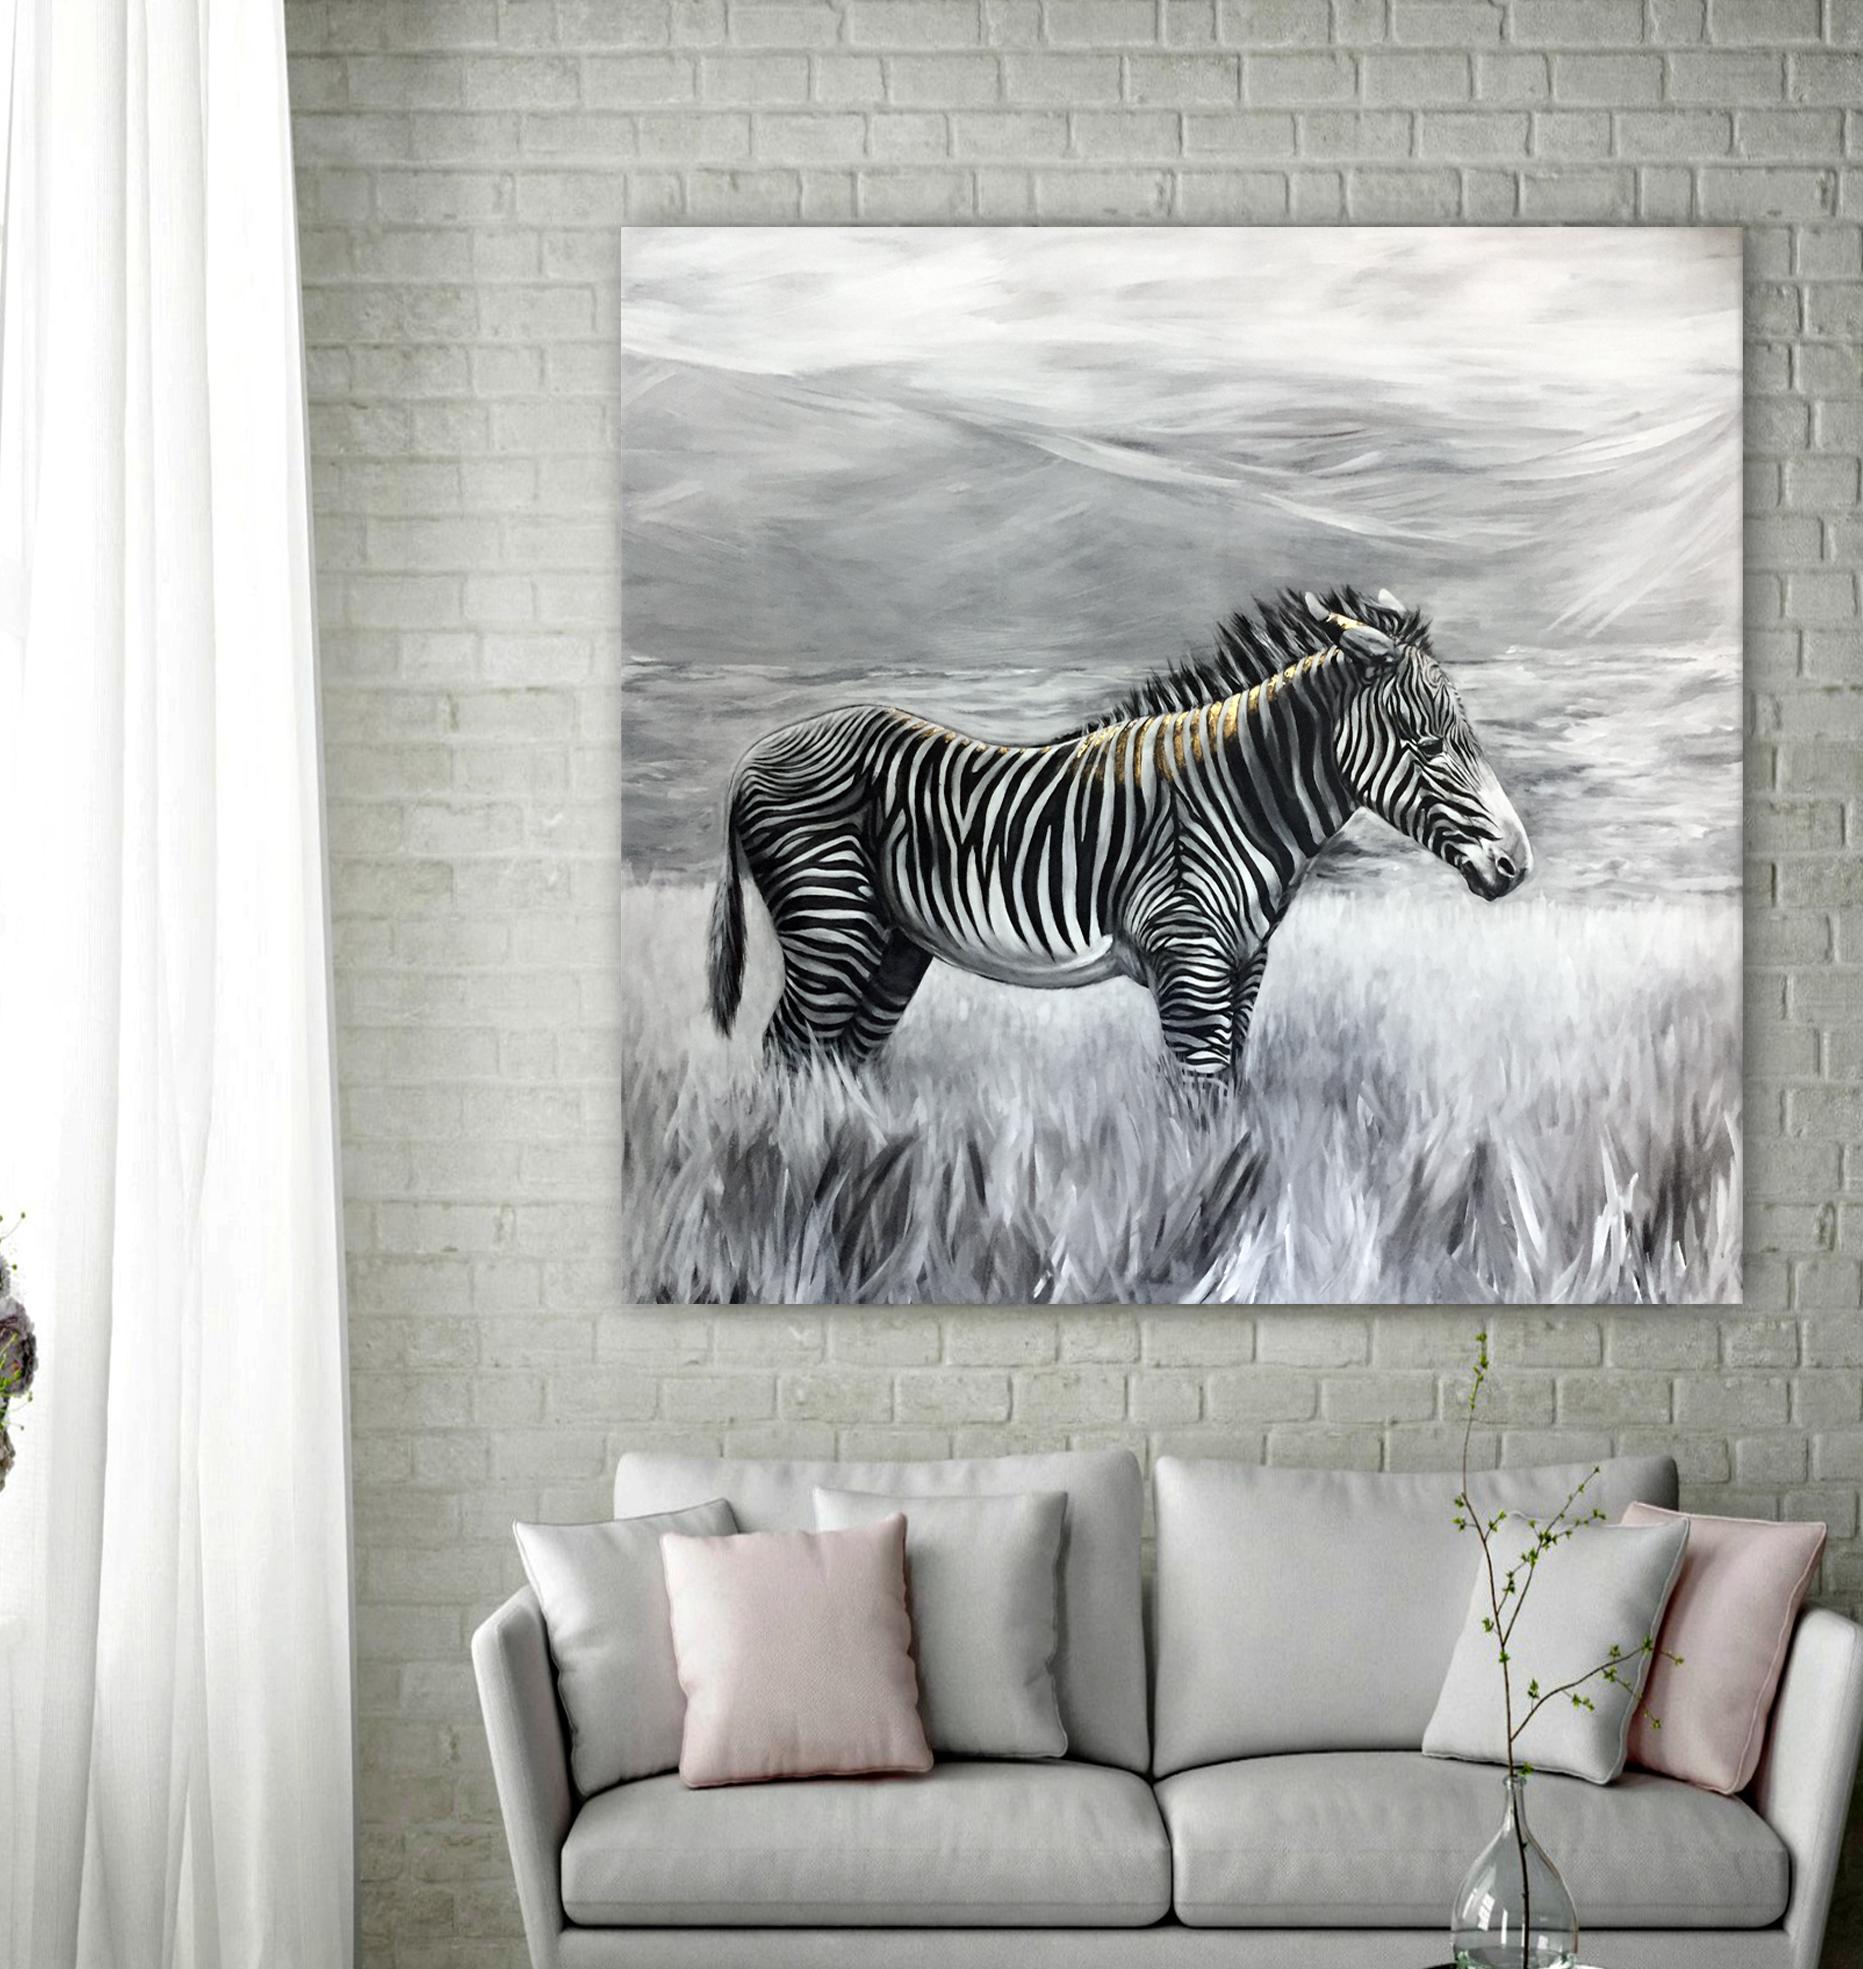 Greyv's Zebra - Acrylic | 48x48 | 24k Gold Leaf |